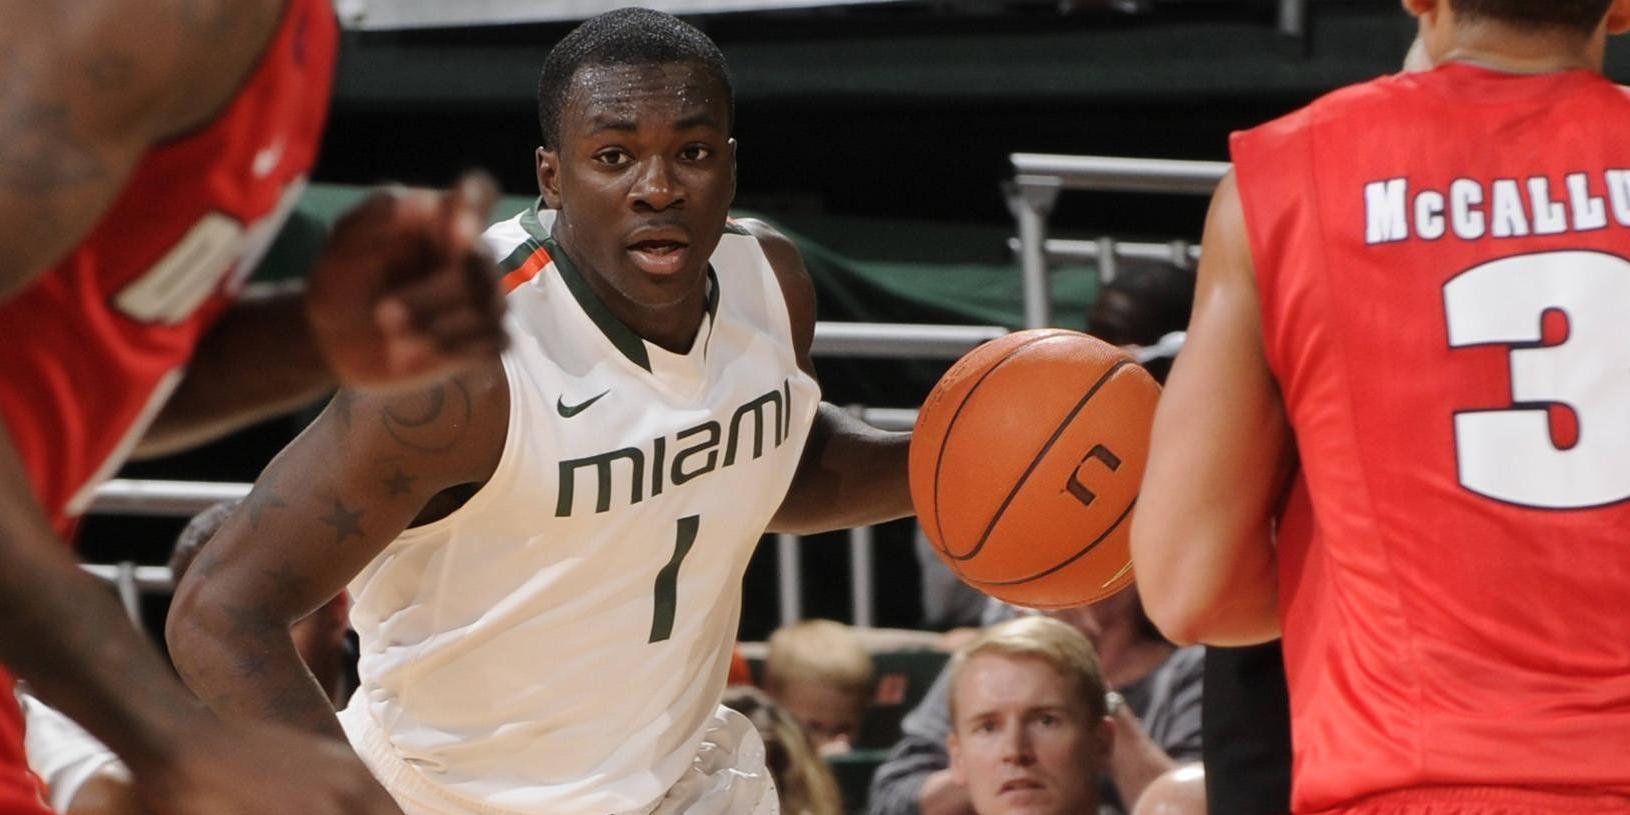 Scott Scores 15 in Miami's 77-62 Win